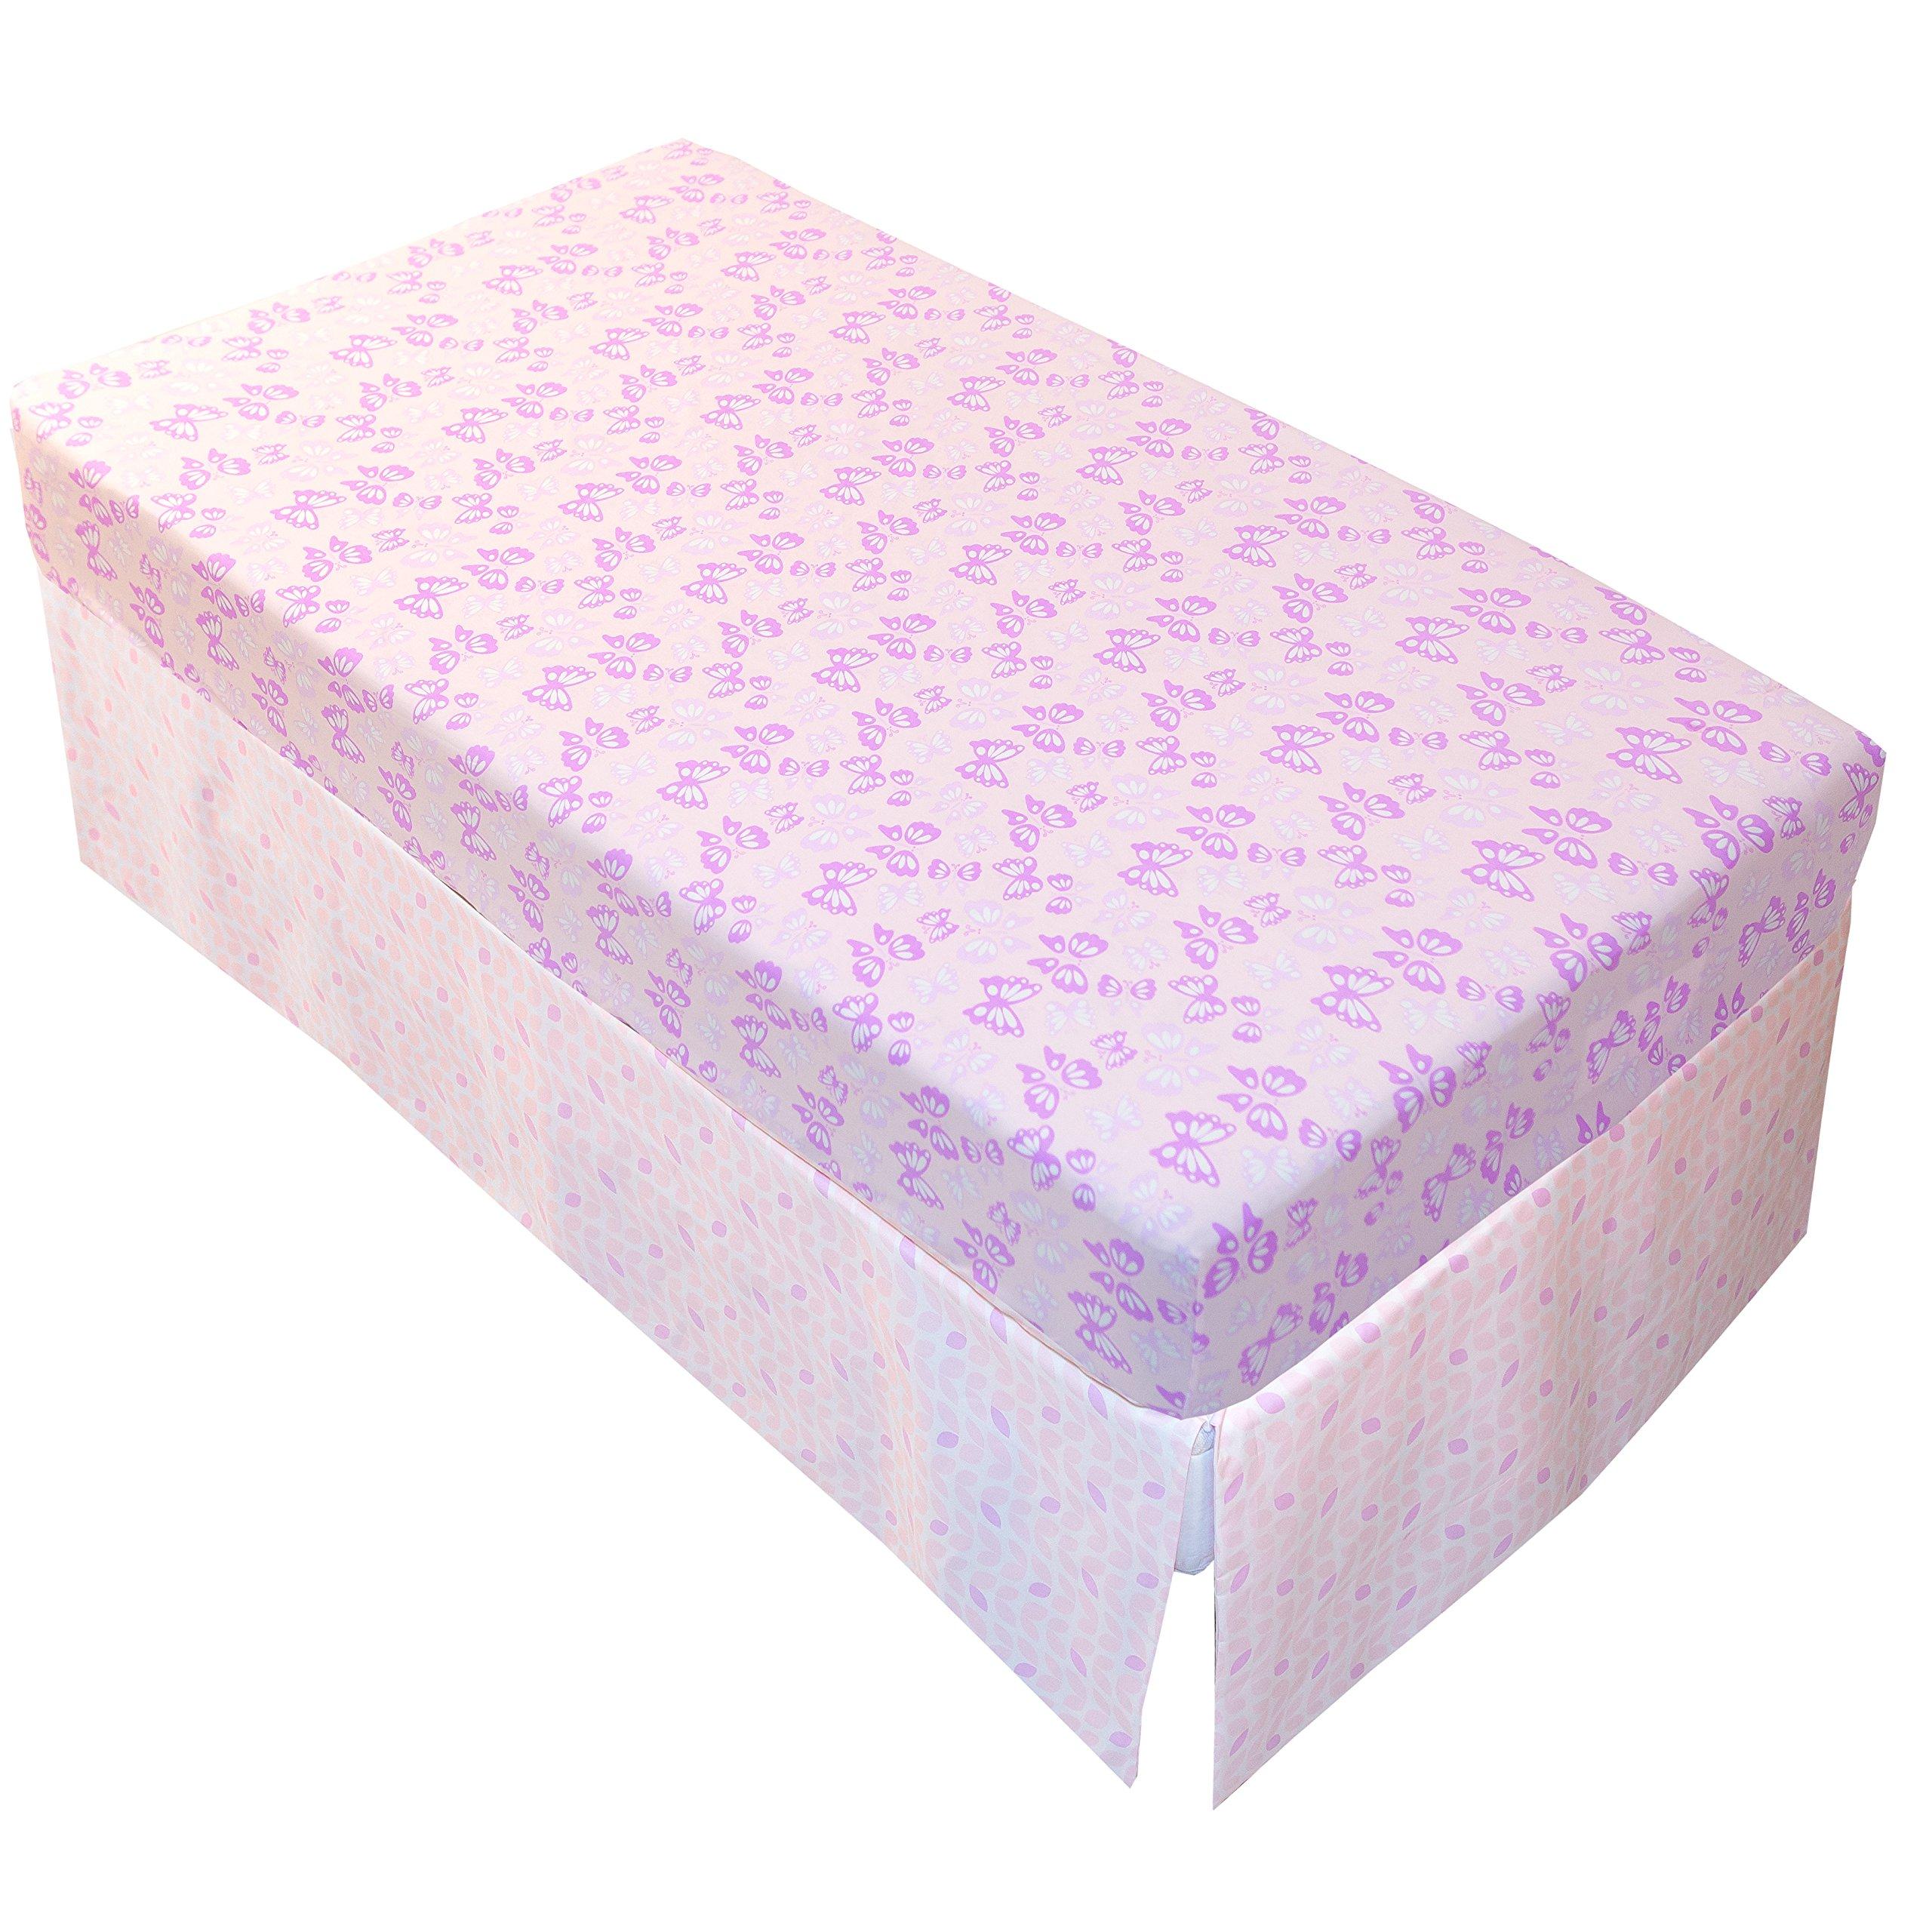 Kushies Baby Ben & Noa Percale Crib Skirt, Pink Petals by Kushies (Image #4)